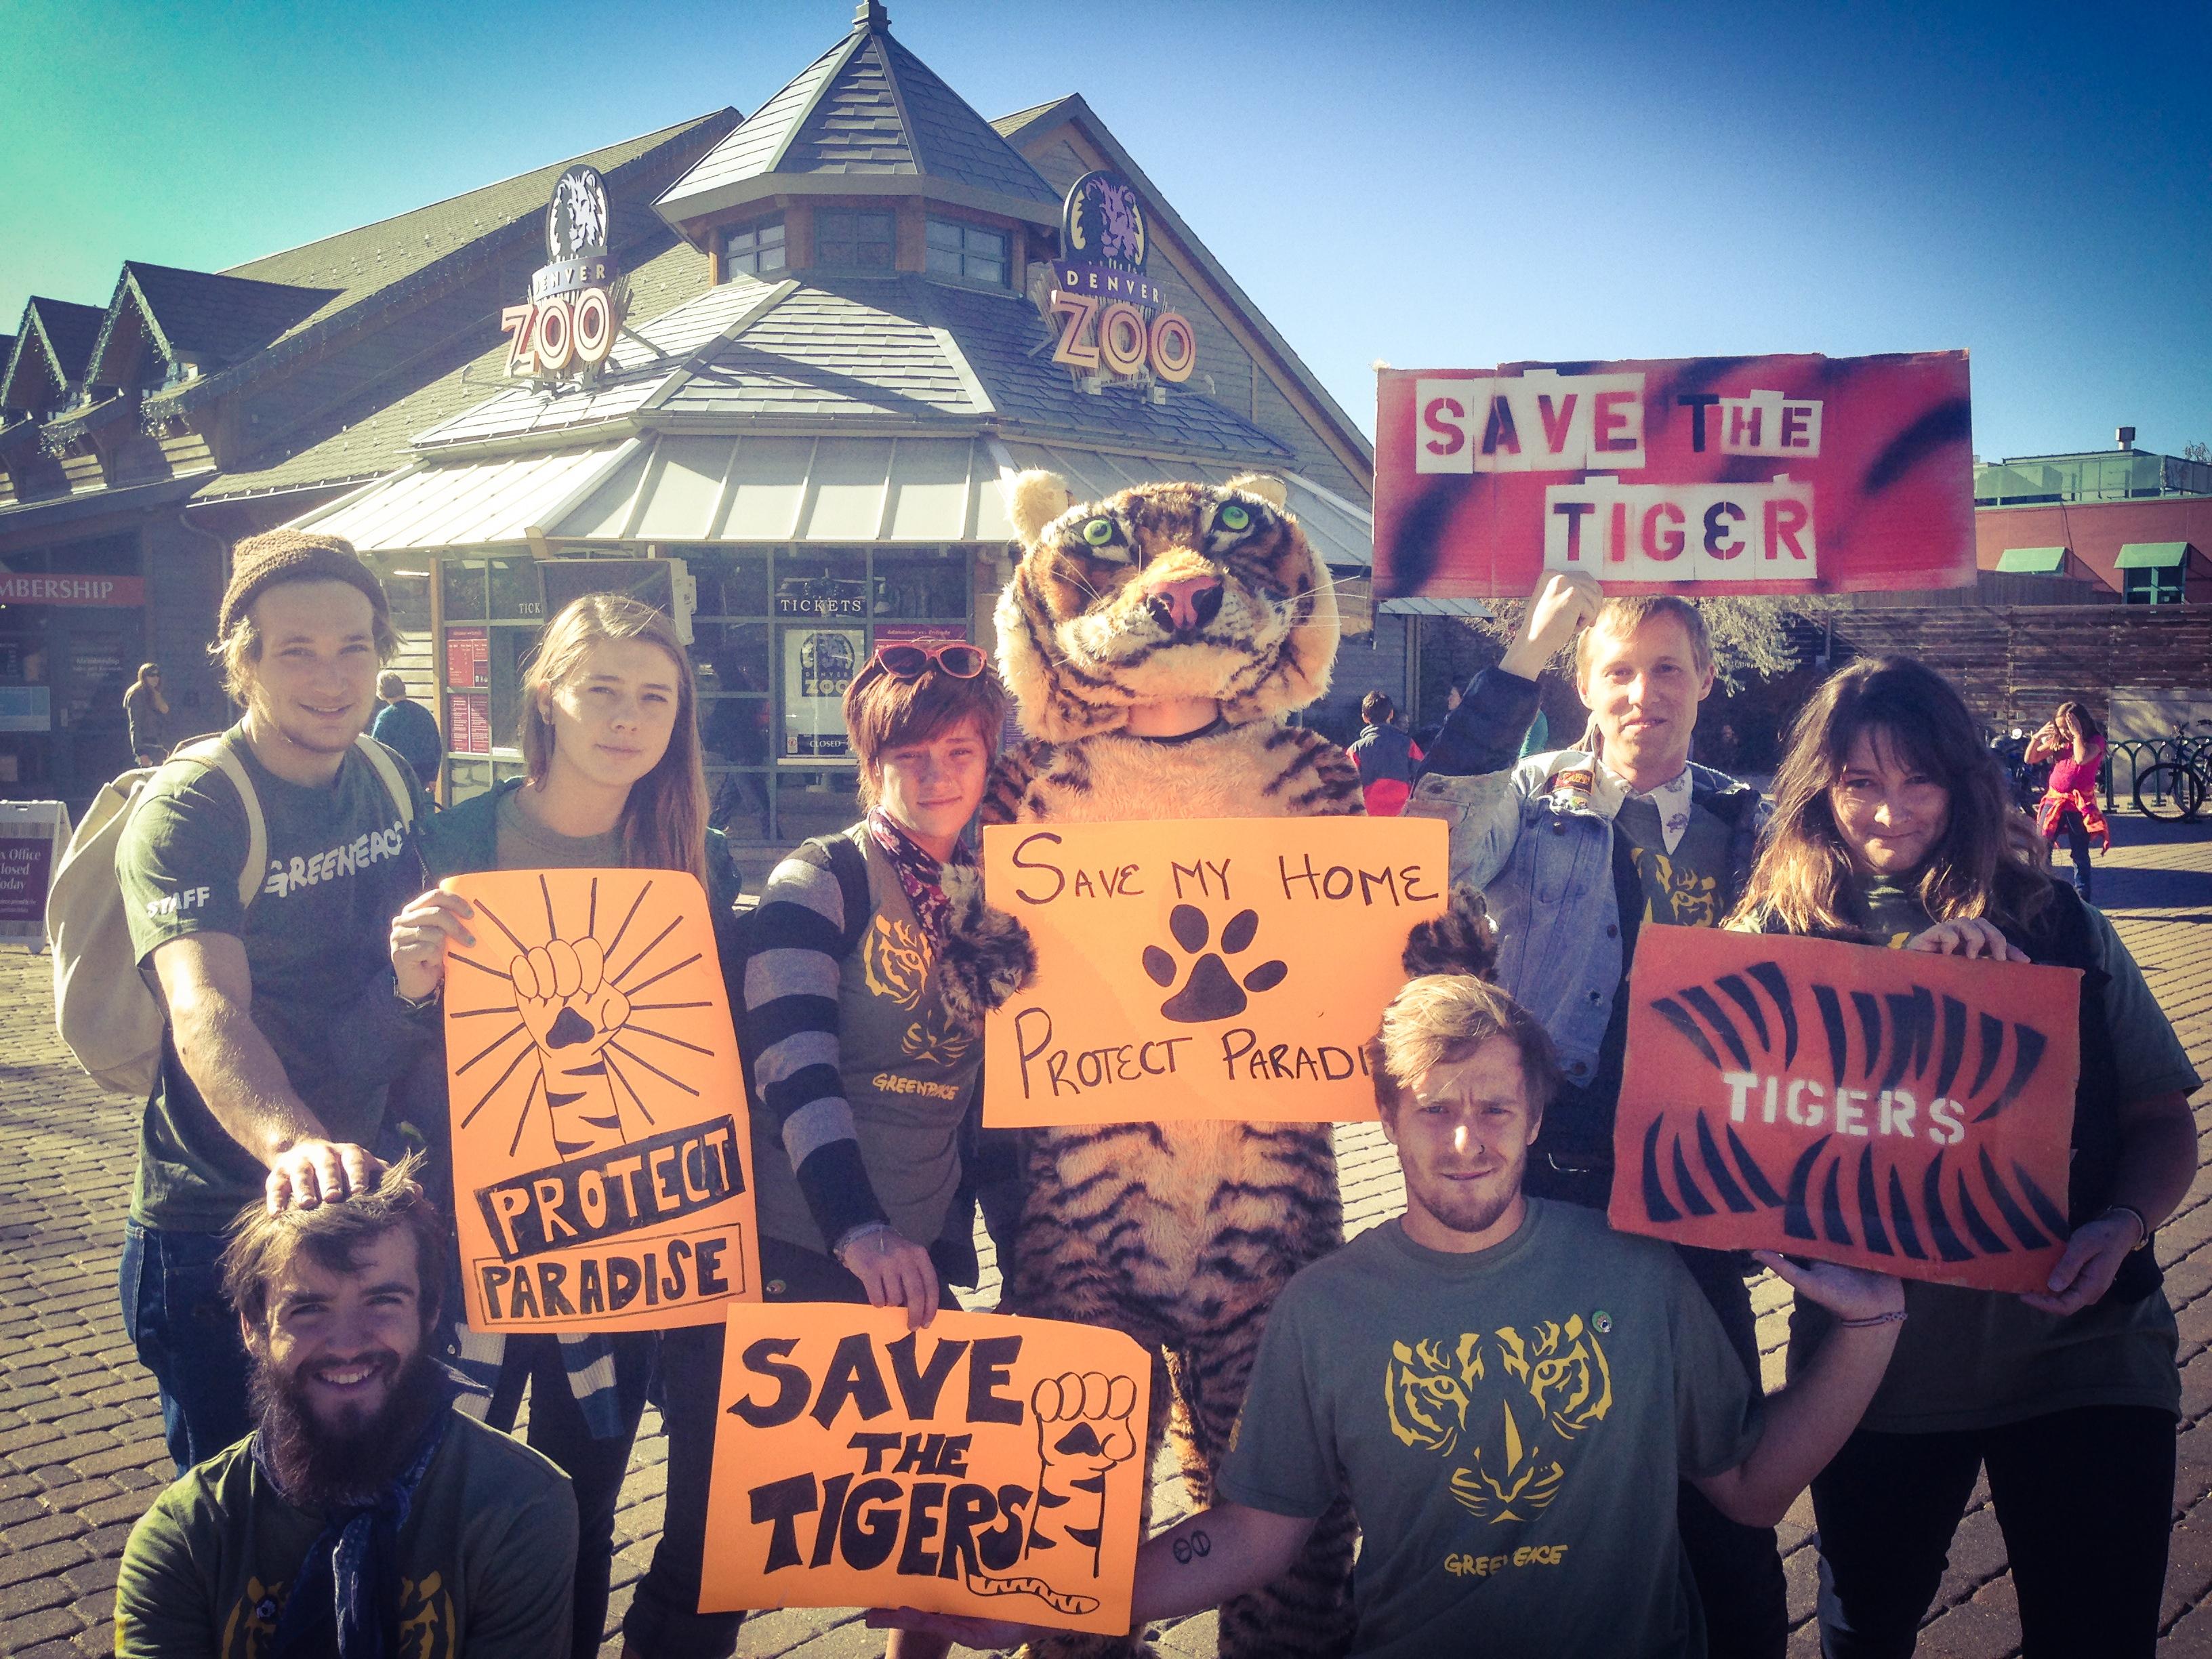 Tiger enthusiasts in Denver, Colorado